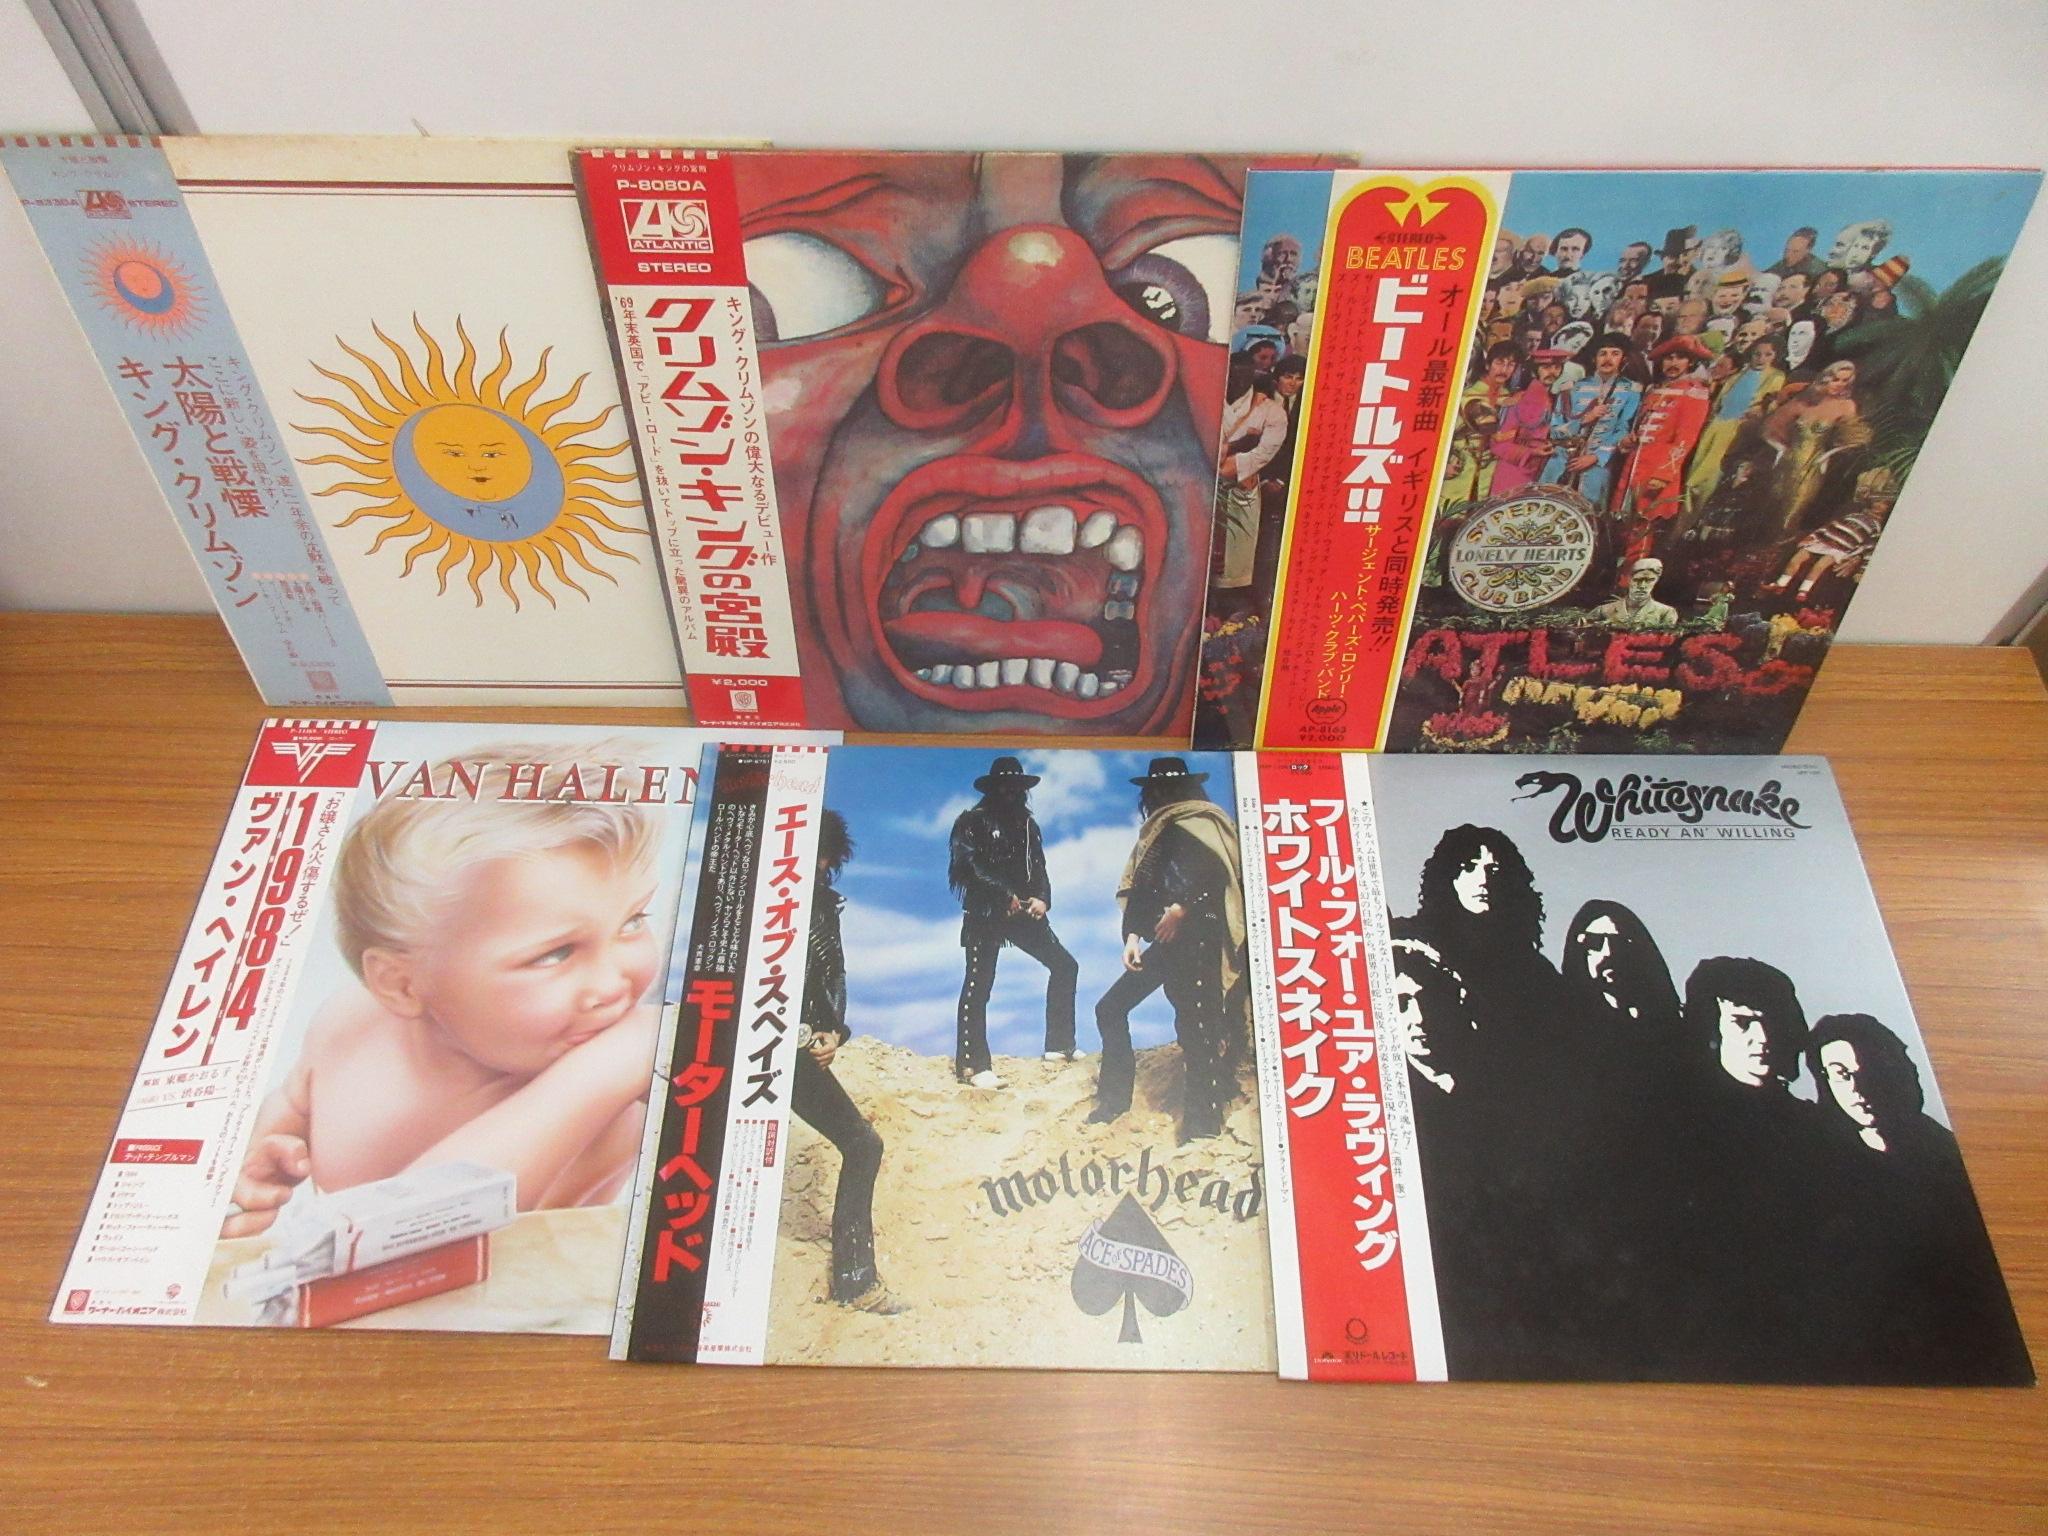 ロック レコード 買取